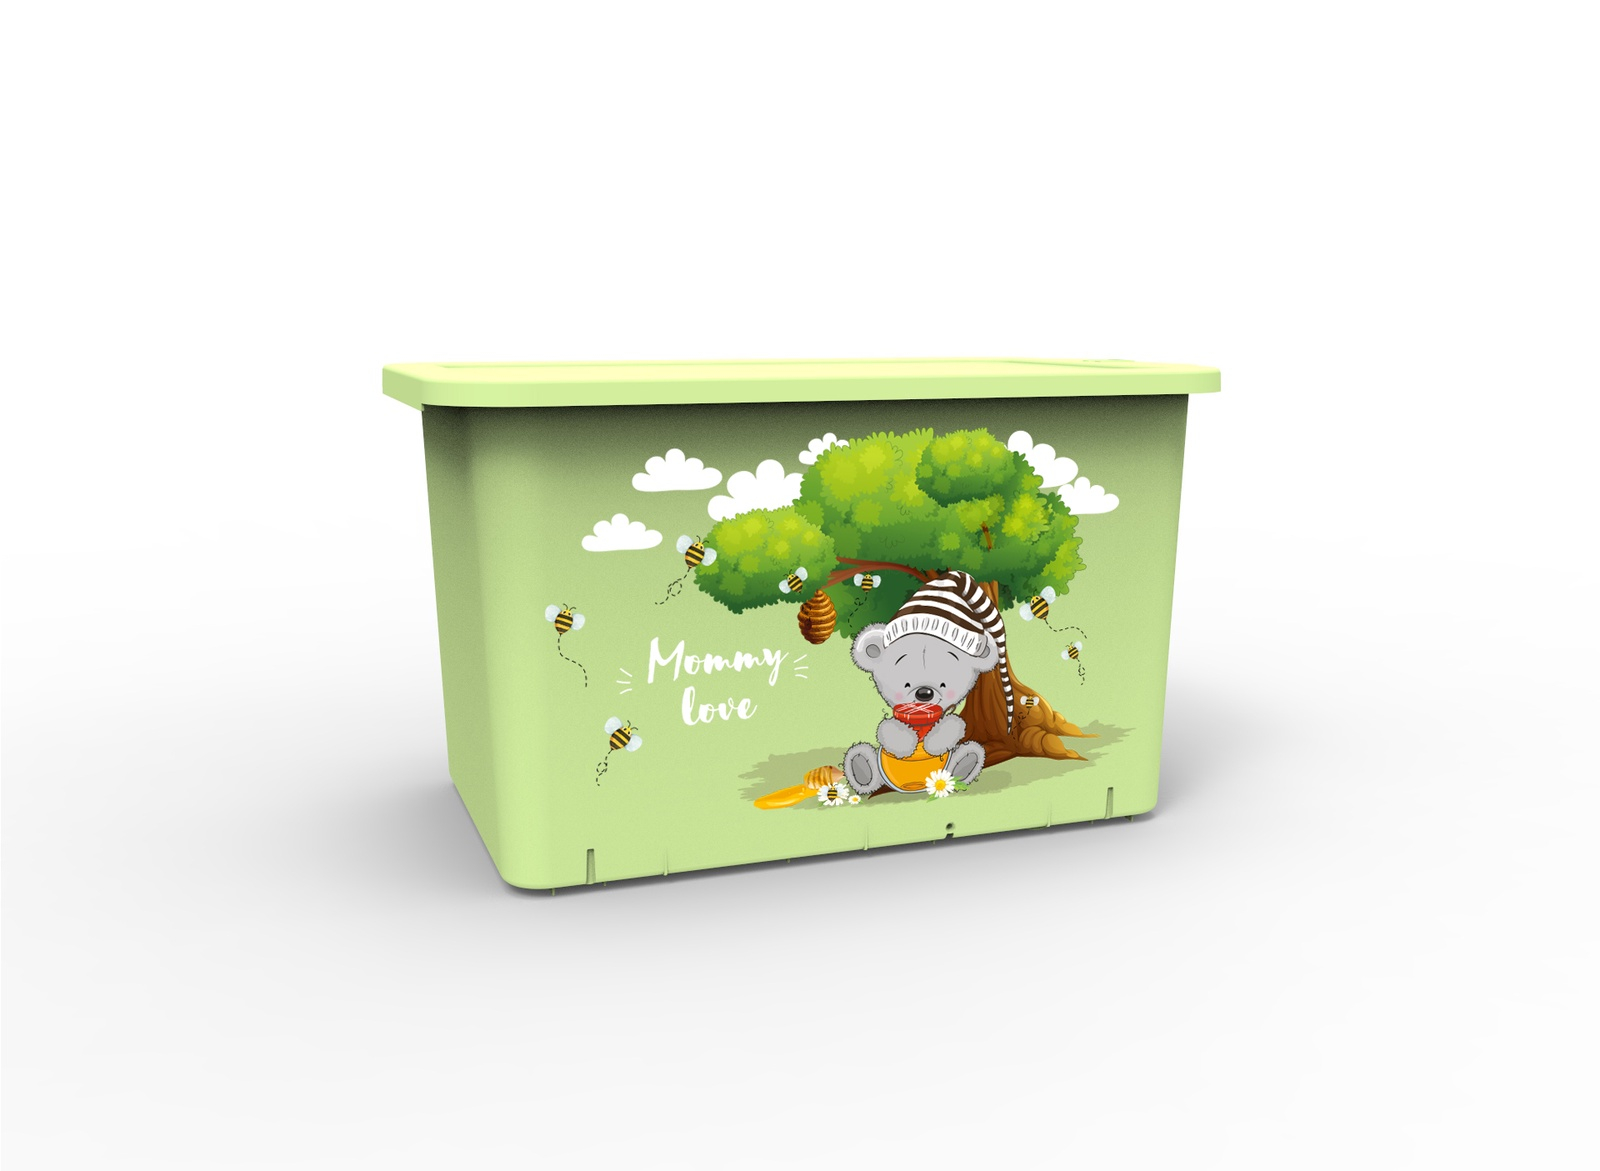 Ящик для игрушек Berossi Mommy Love, светло-зеленый ящики для игрушек альтернатива башпласт контейнер для игрушек феи